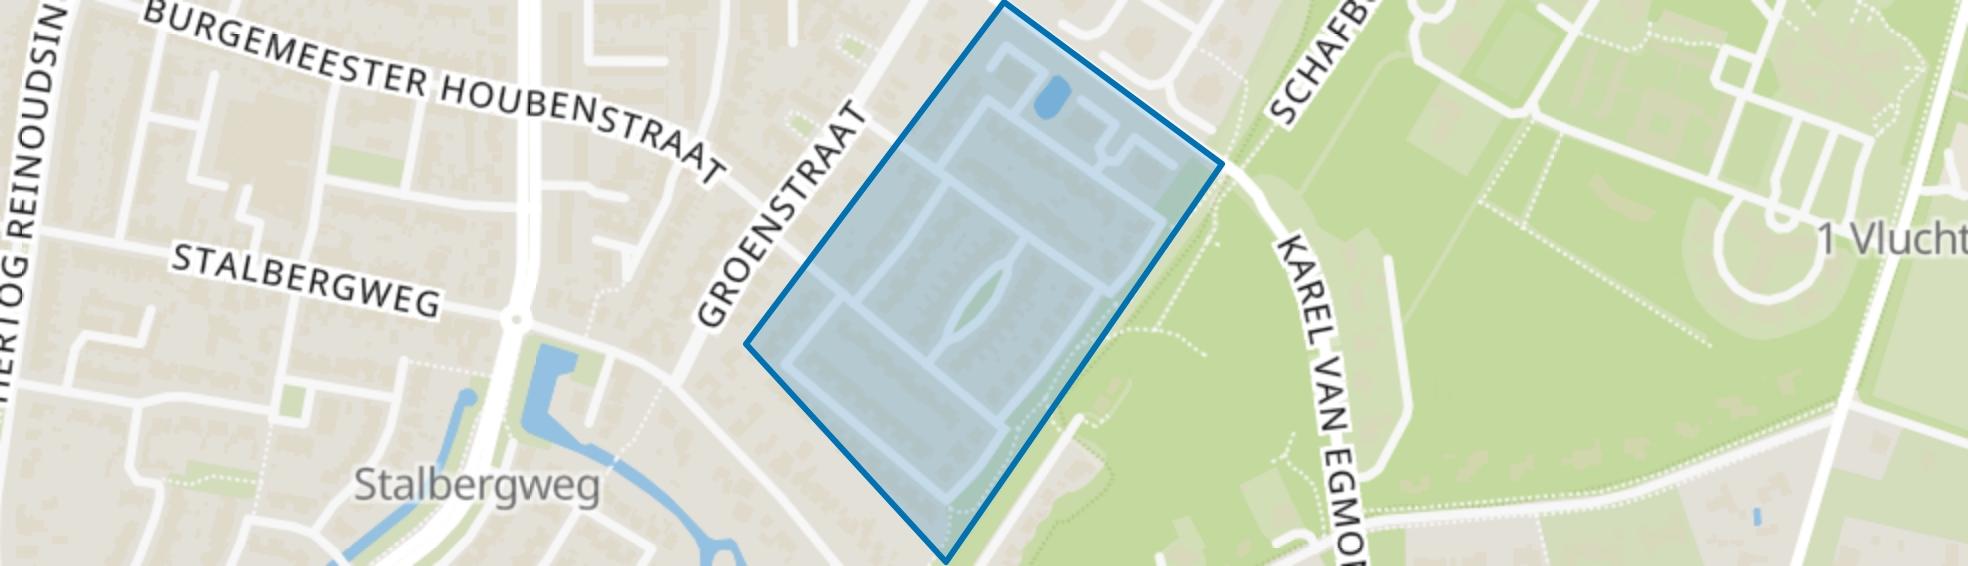 Groenstraat-Zuid, Venlo map